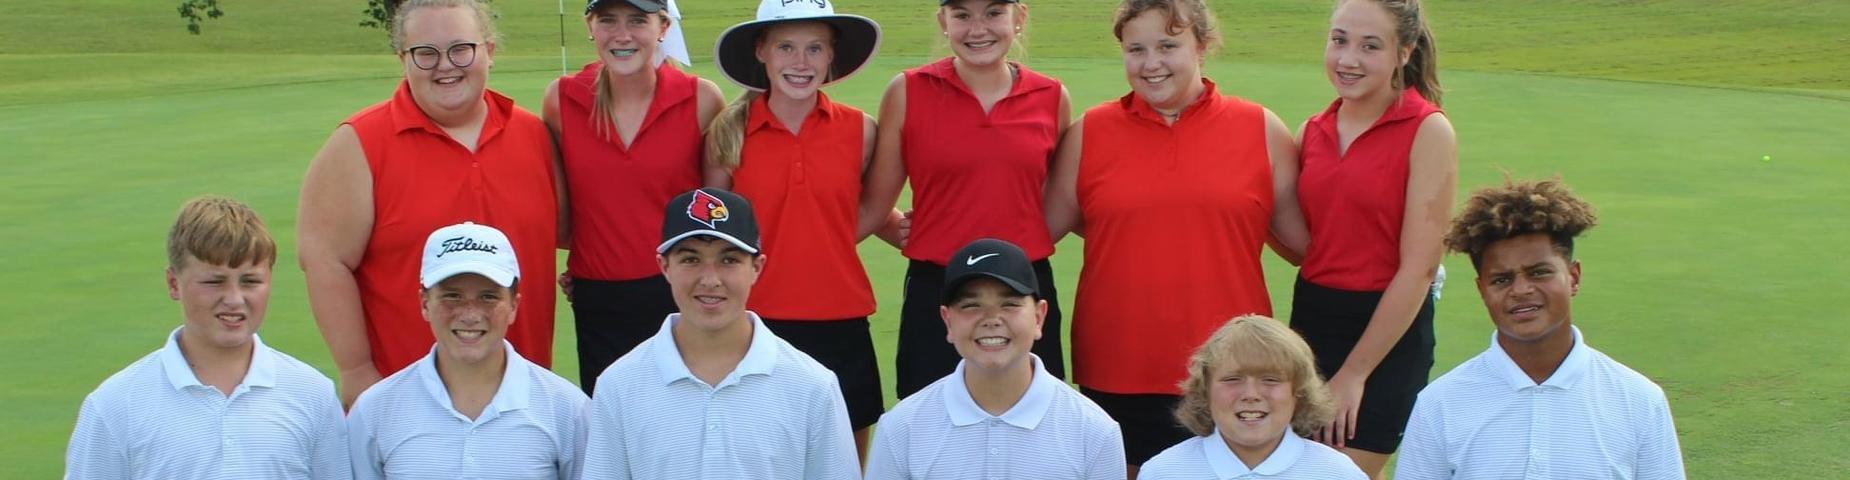 MHS Golf Team